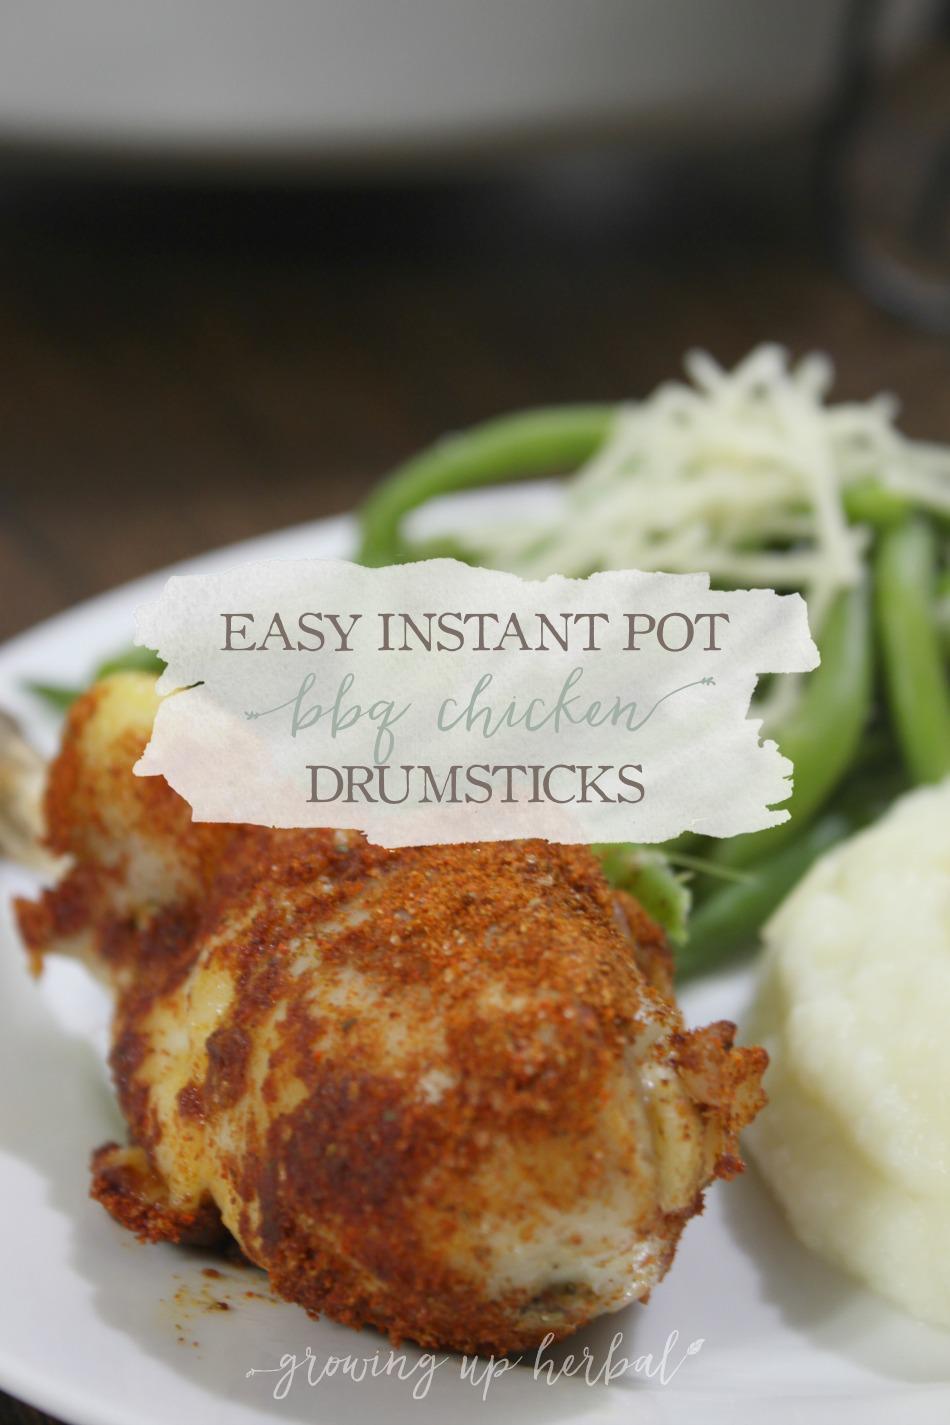 Easy Instant Pot BBQ Chicken Drumsticks